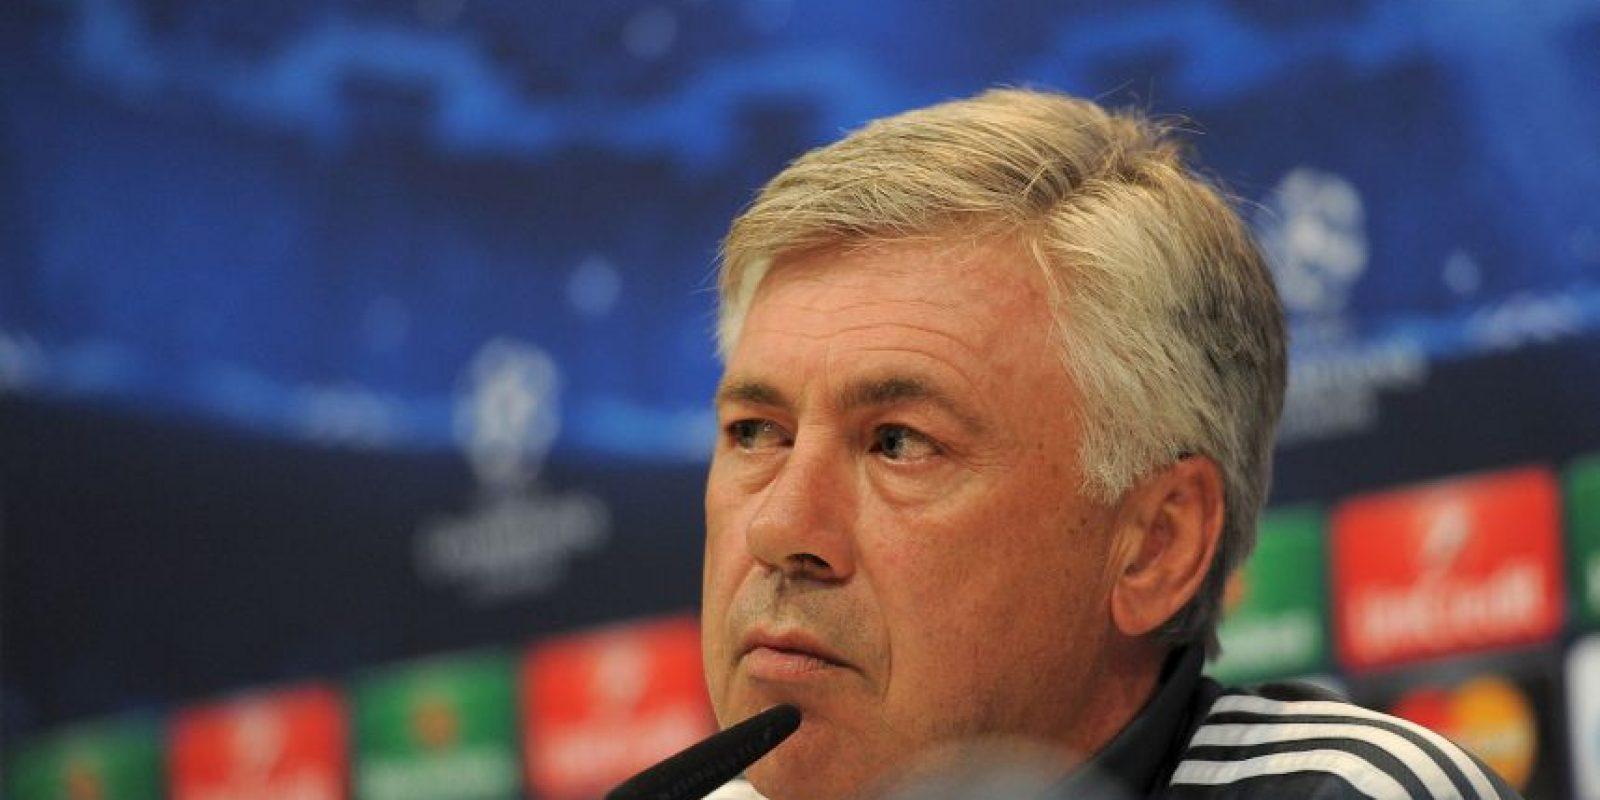 El DT Carlo Ancelotti es el monarca de Europa Foto:Getty Images